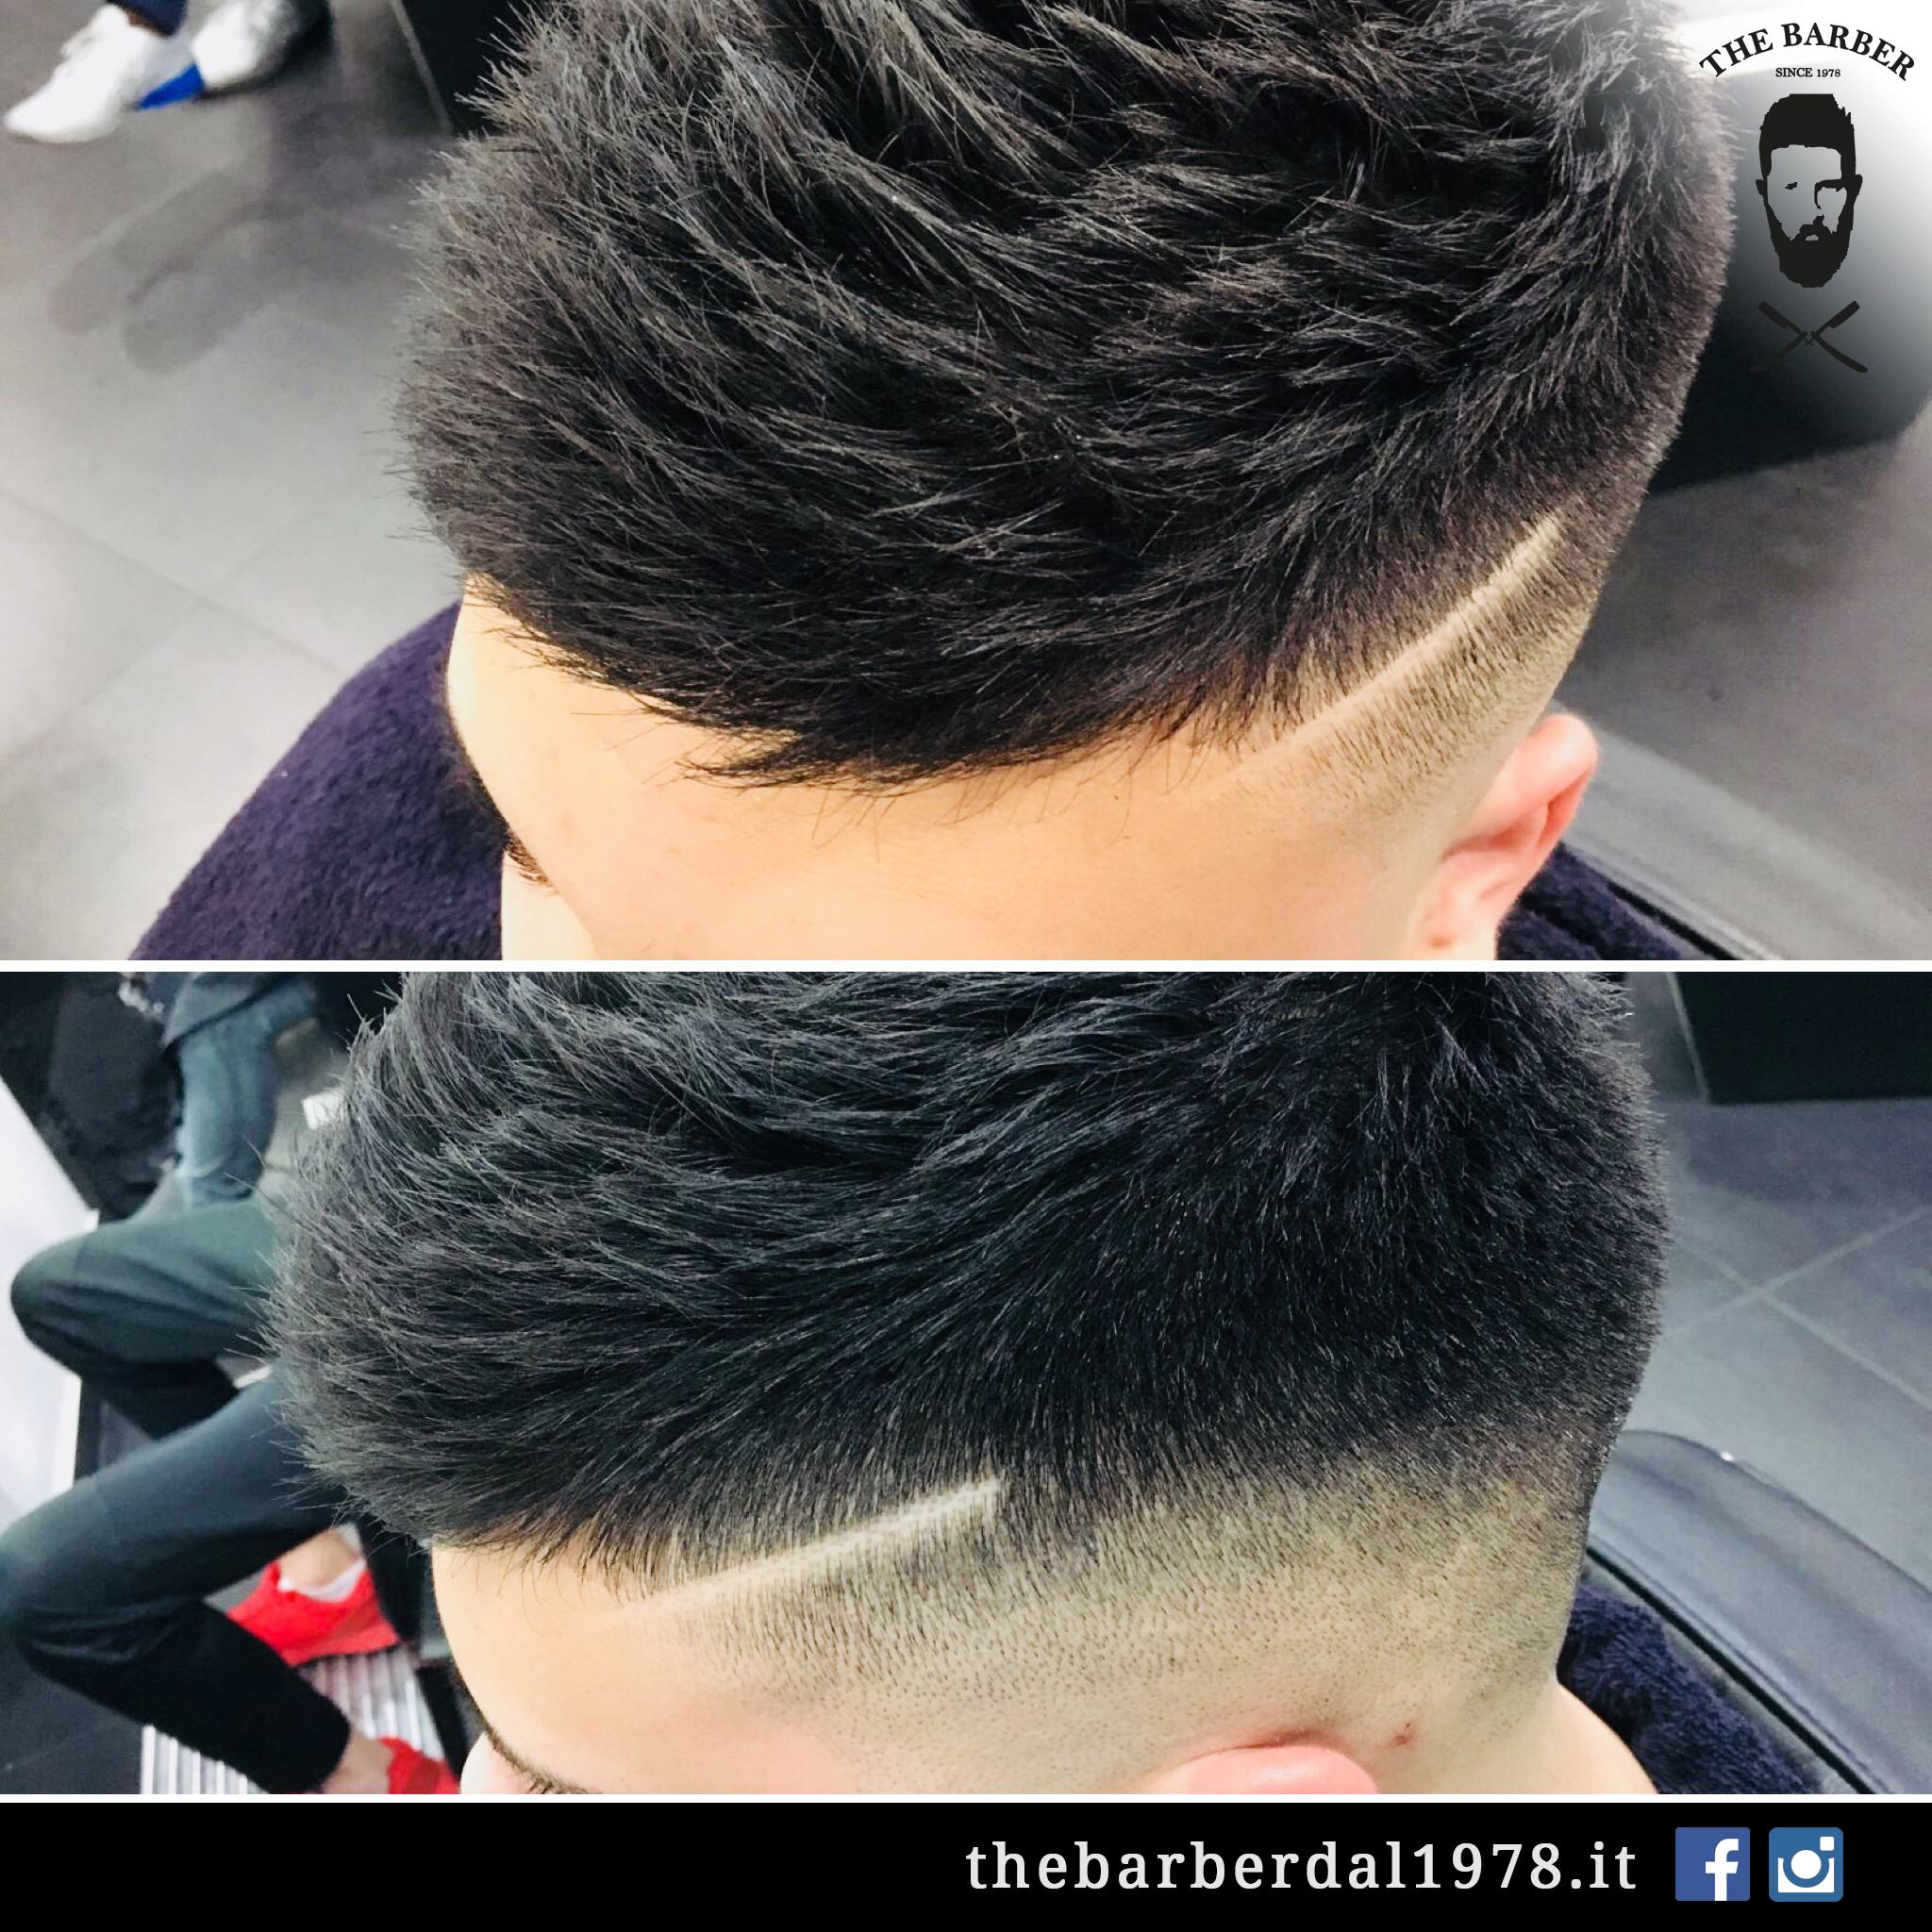 barbiere-parrucchiere-rossano-corigliano-cosenza-2-2